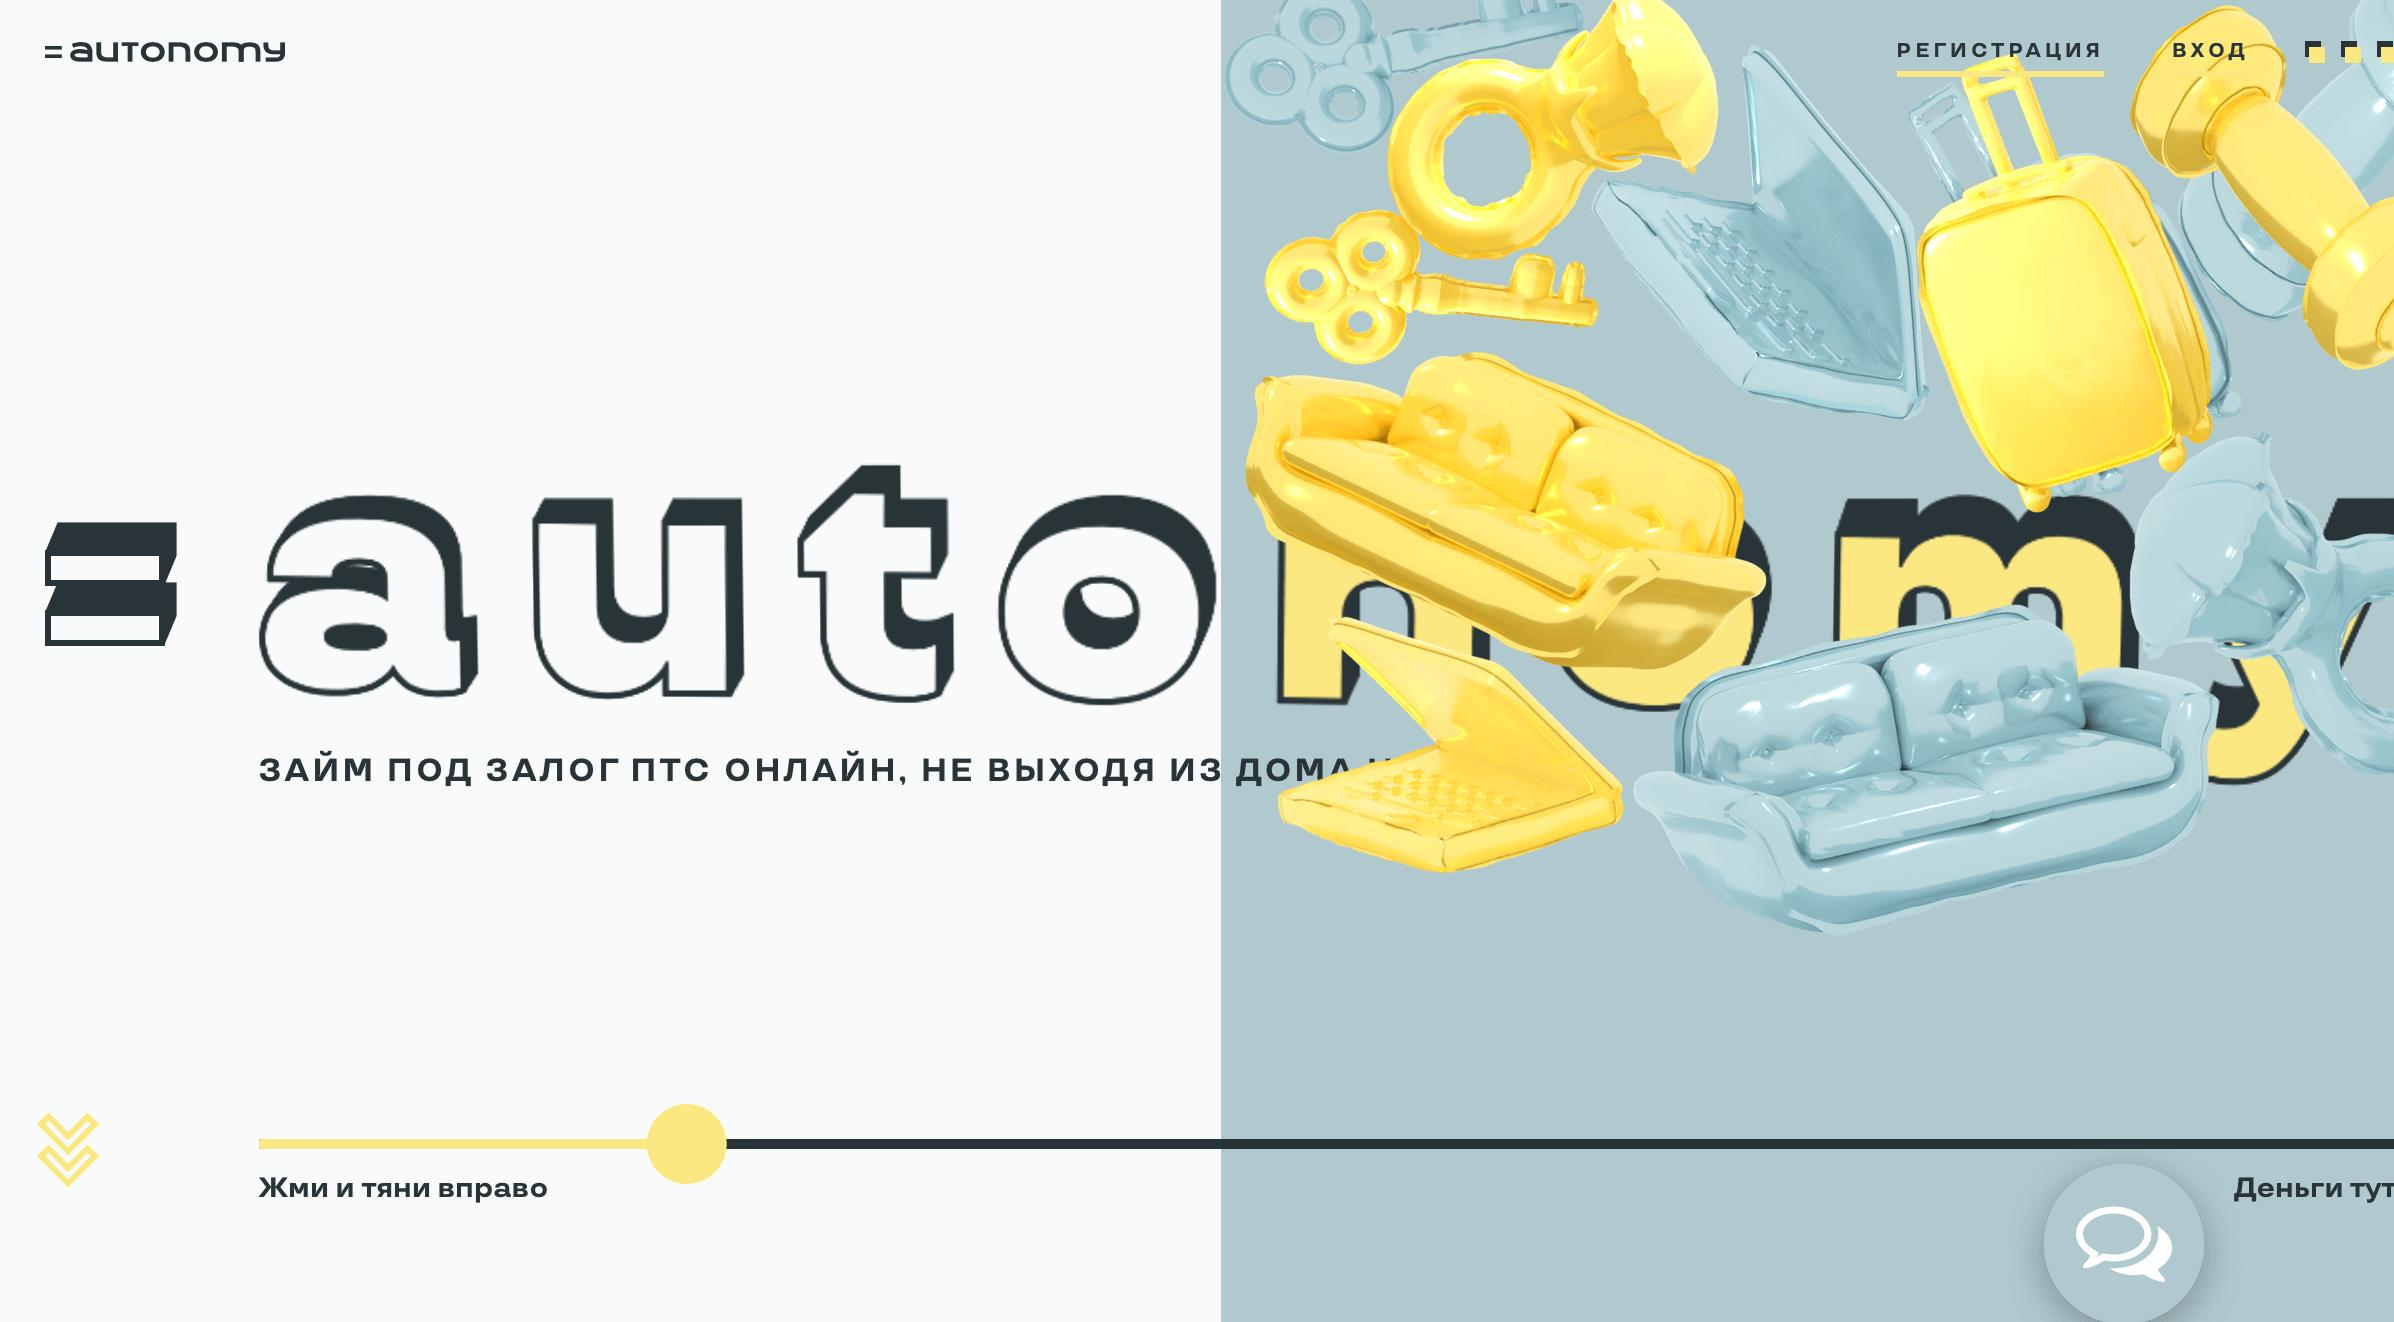 Официальный сайт автономи